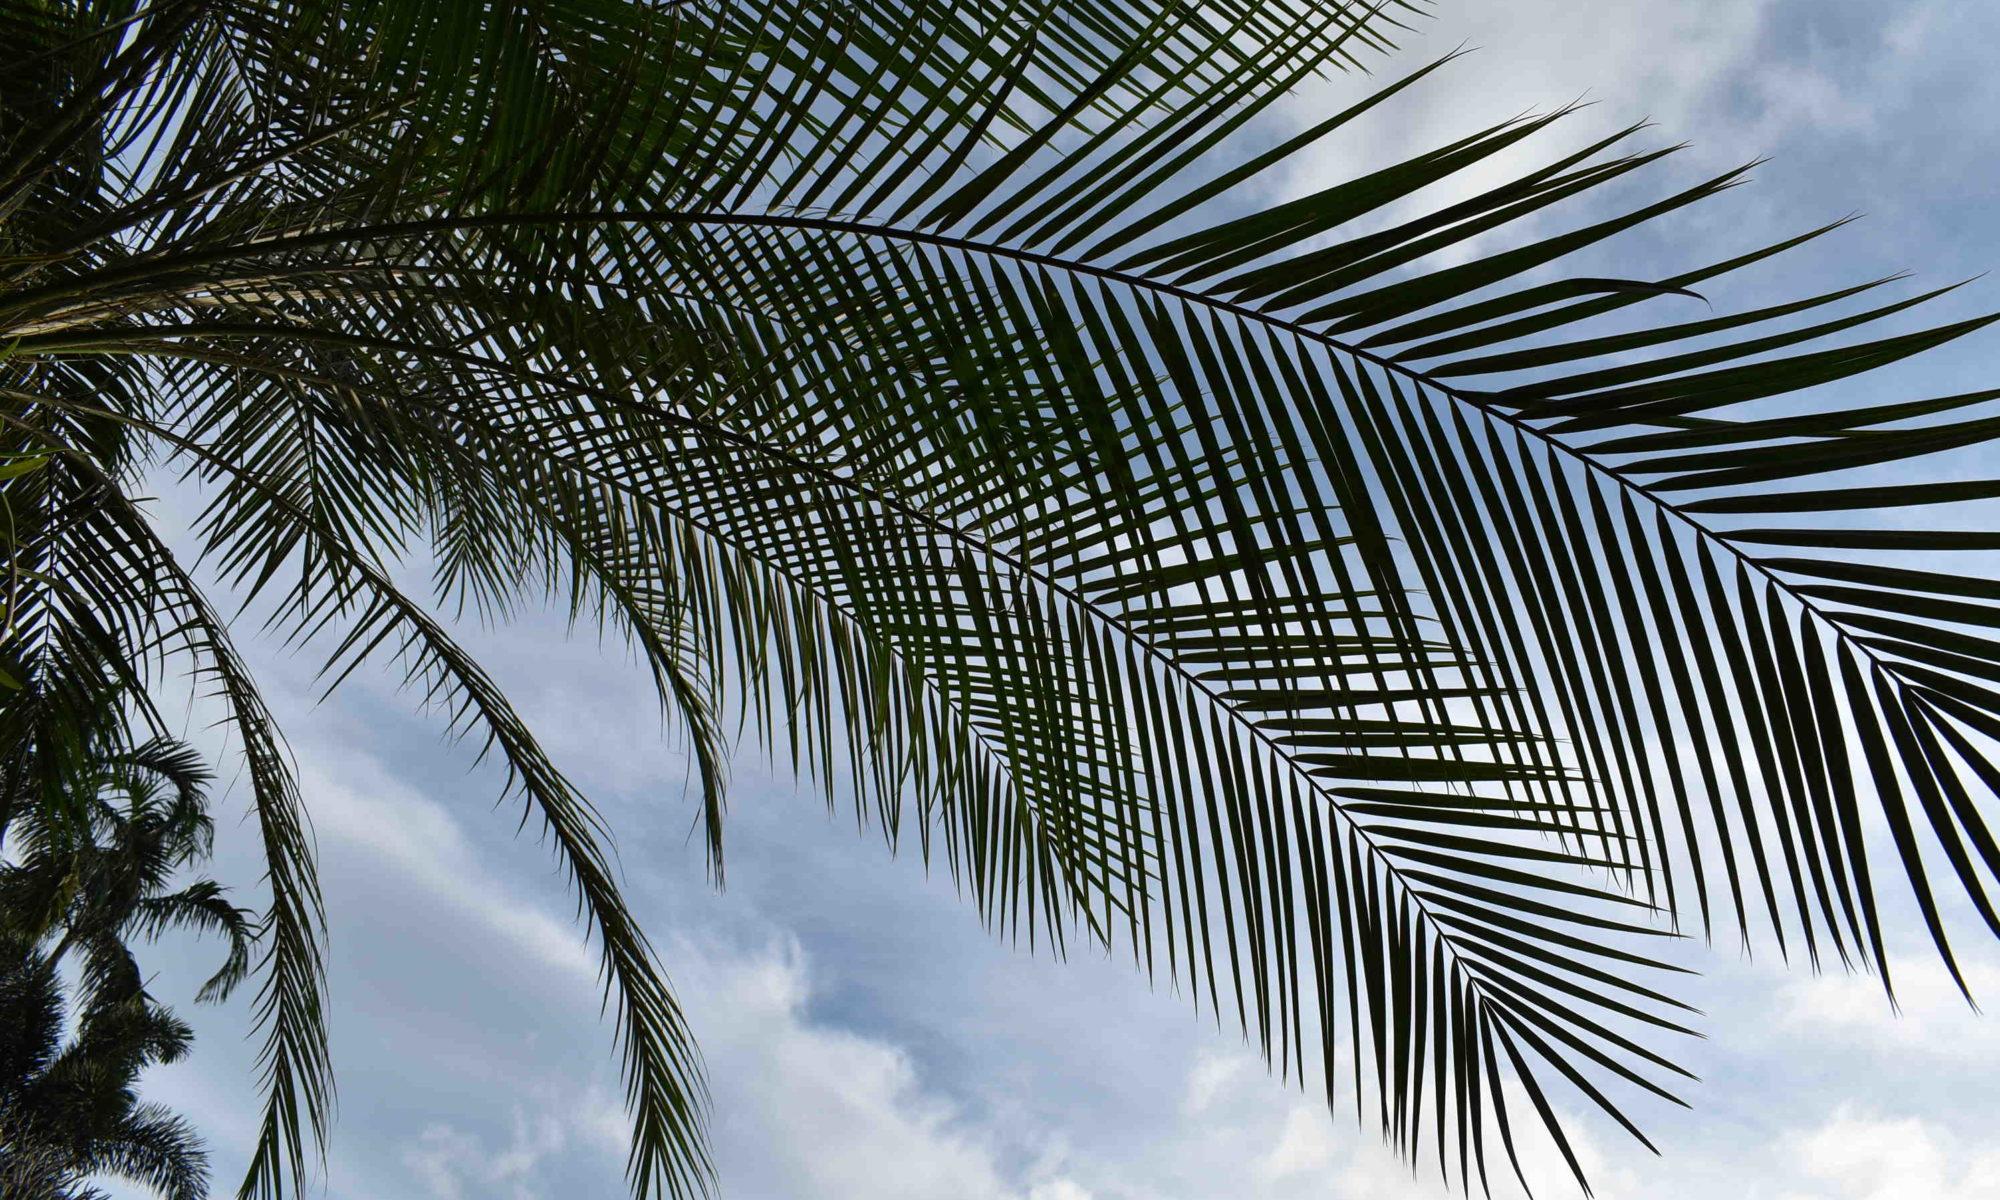 Palmier et noix de coco